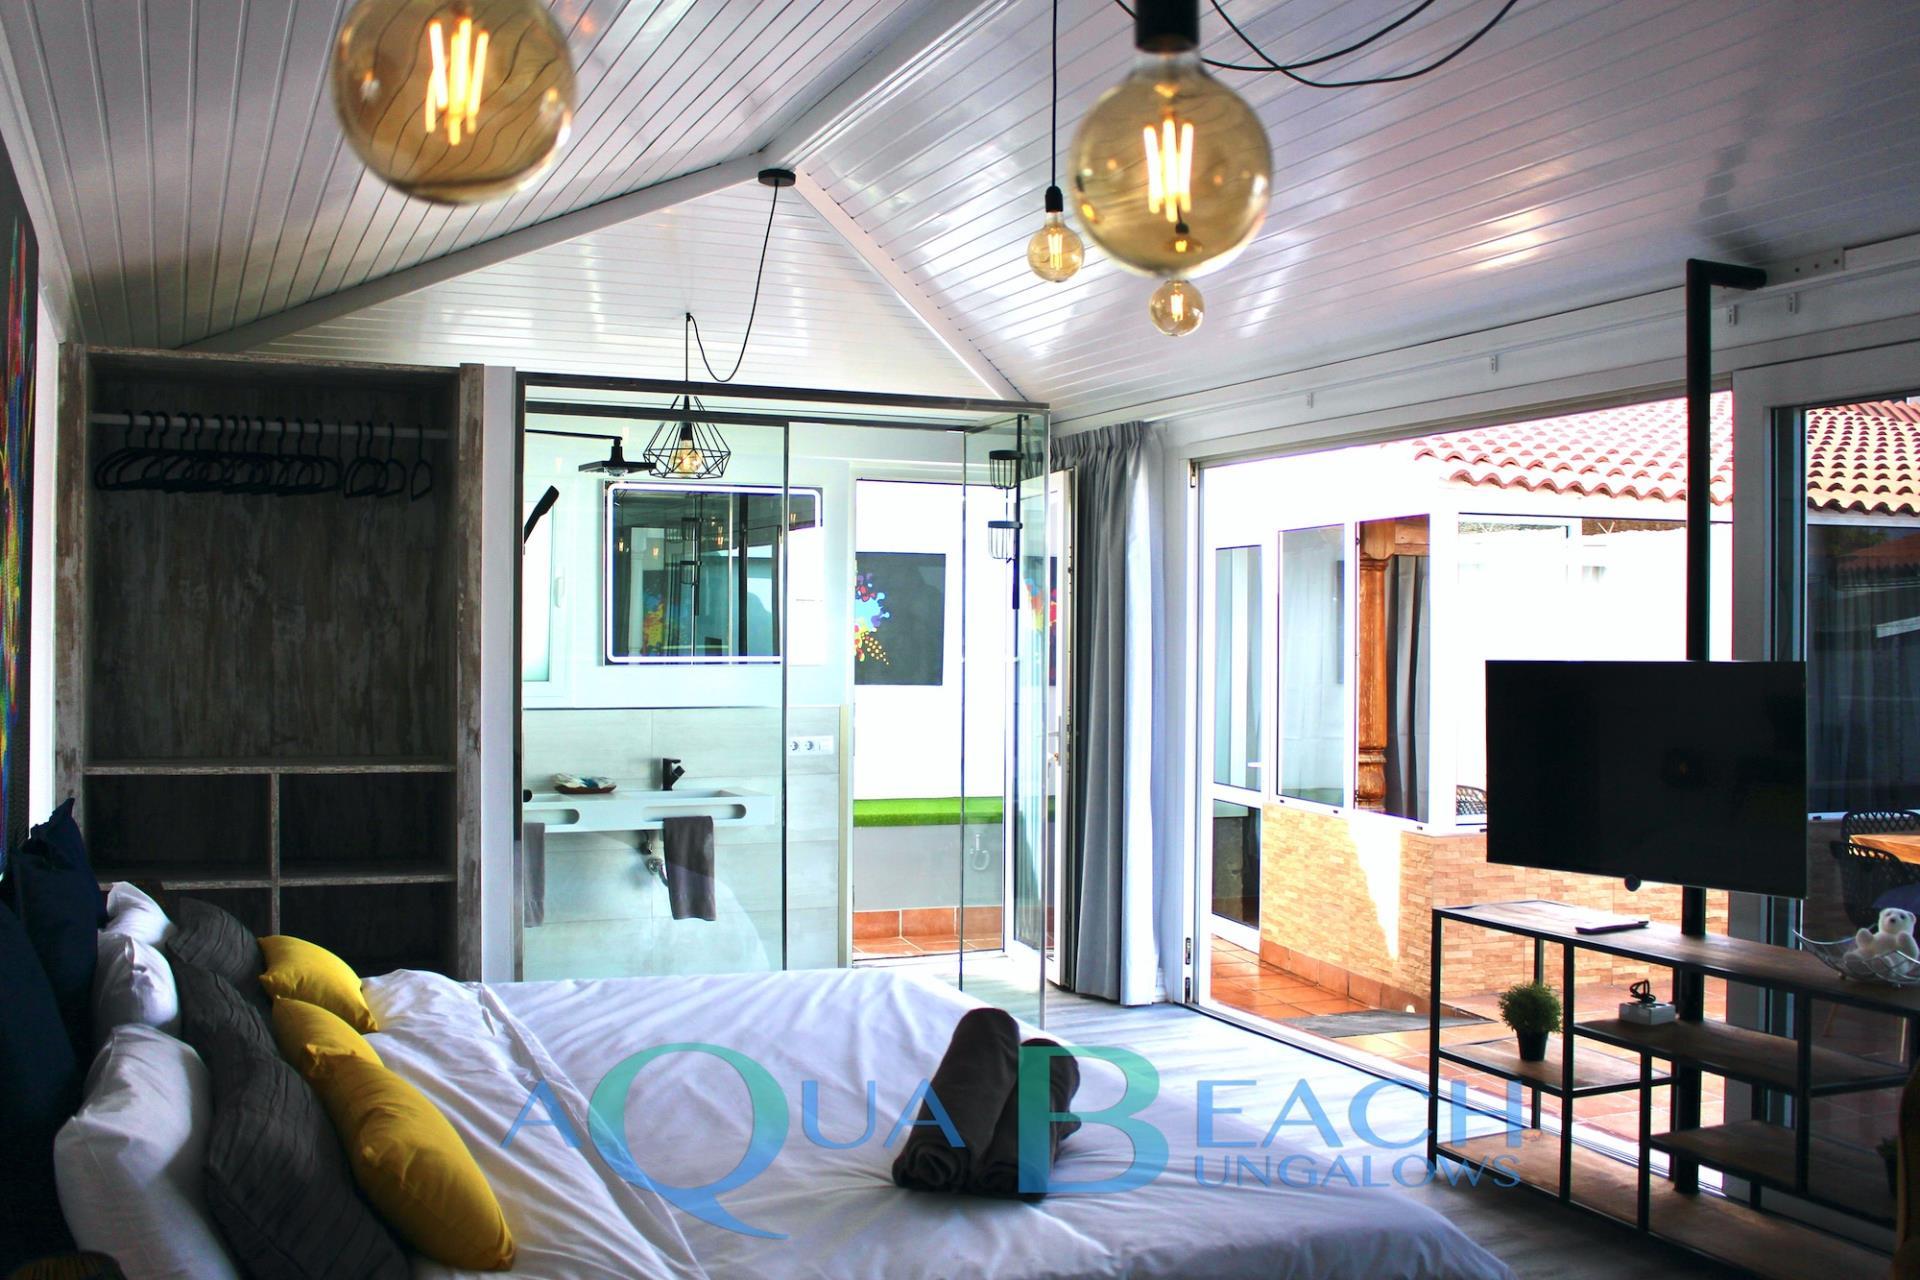 winterpride 2021, hotel, gay, AquaBeach, Playa del Ingles, spain, Fort Lauderdale, resort, key west, gay guest house,